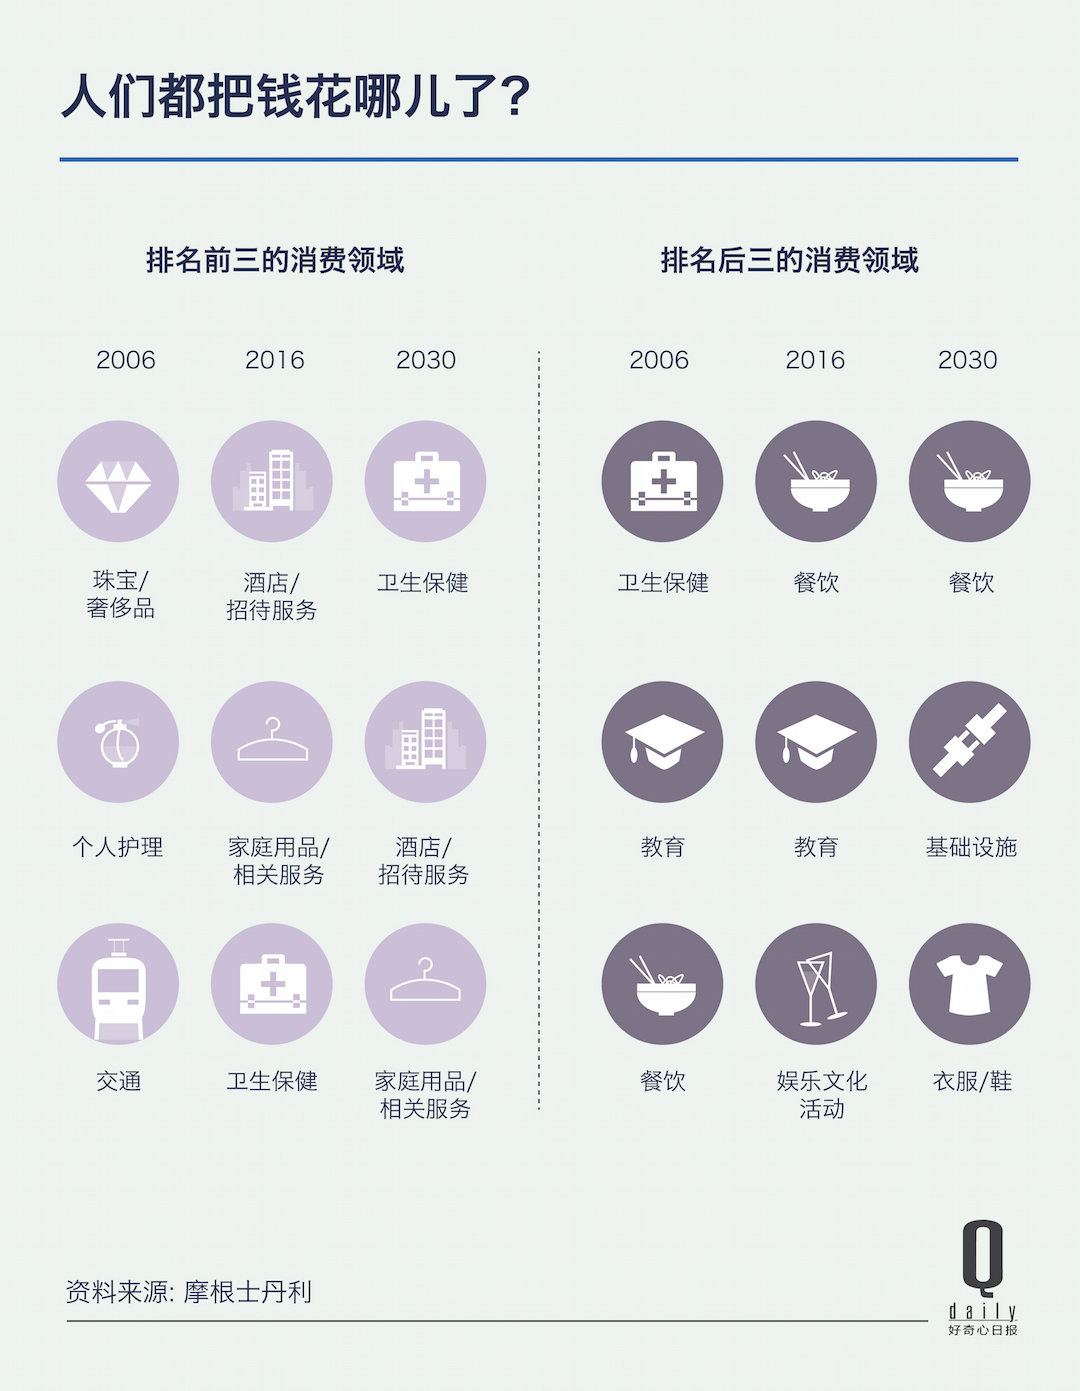 到 2030 年,中国三四线城市将贡献 2/3 的经济增长|好奇心小数据_文化_好奇心日报